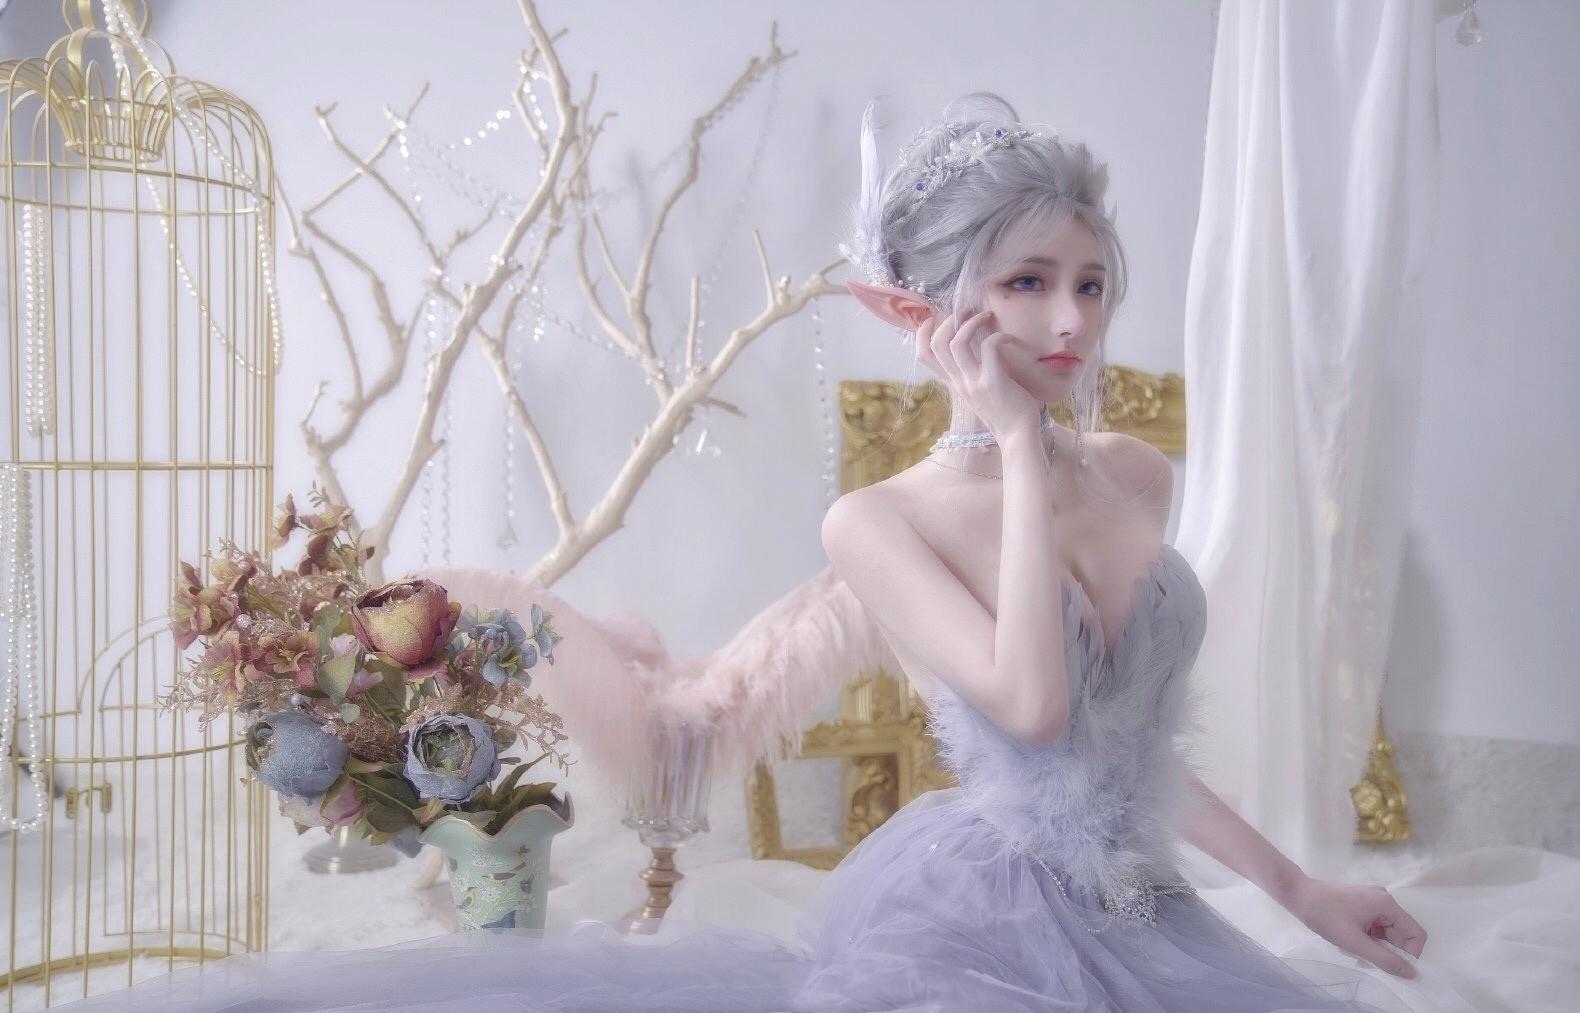 【COS】鬼刀-冰公主cn:maou_0618 -第4张